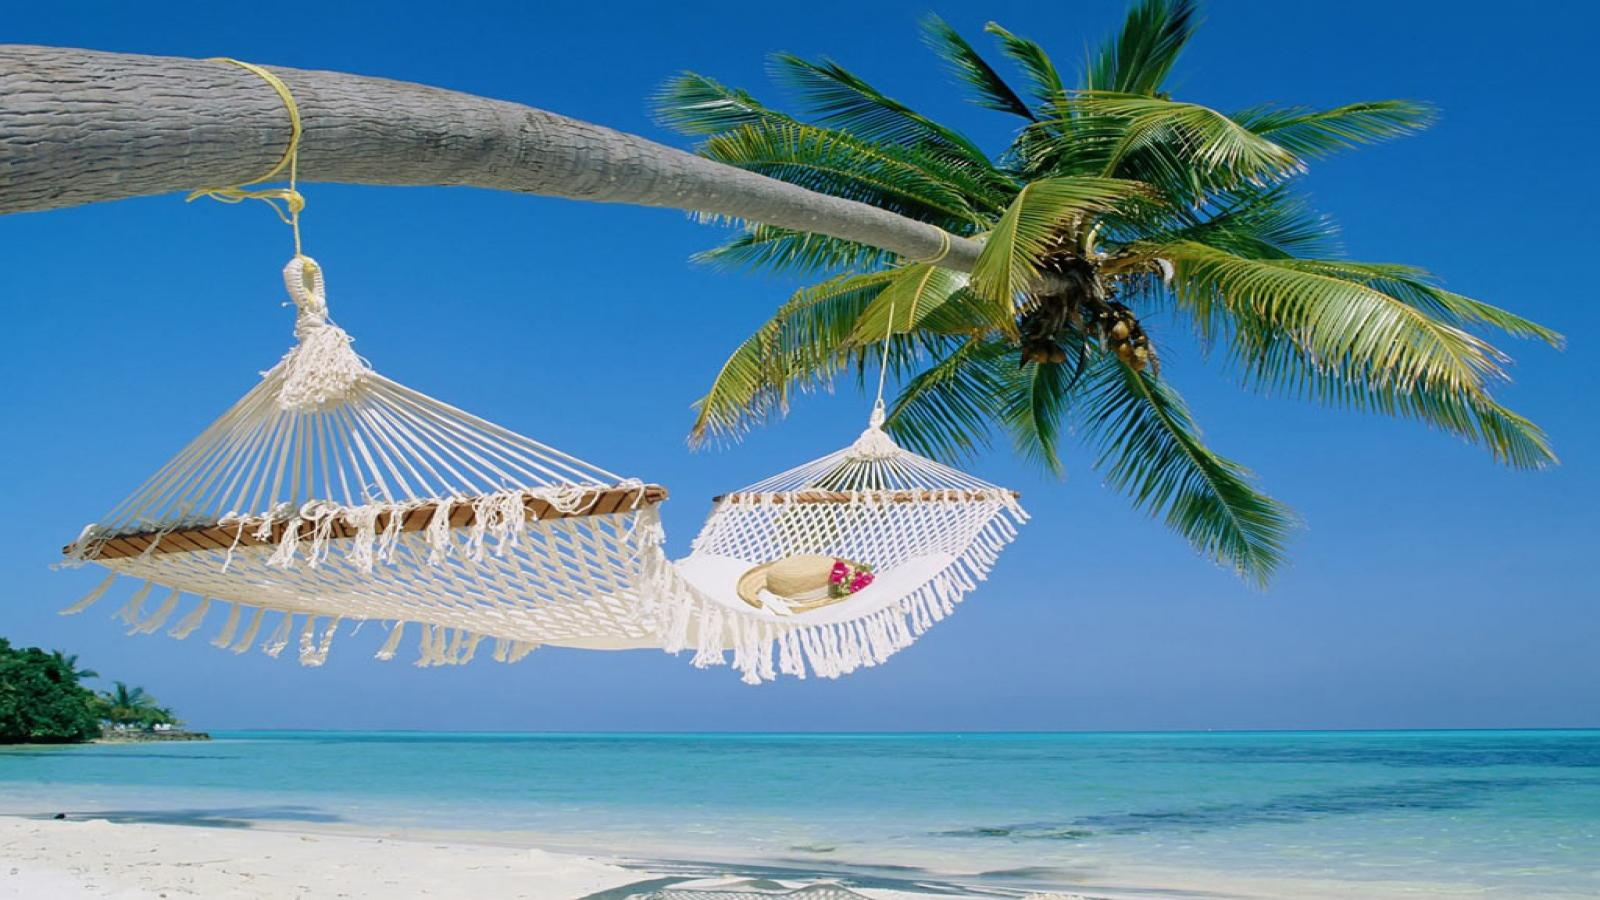 Beach Backgrounds For Desktop HD Wallpapers 1600x900 Beach Wallpapers 1600x900